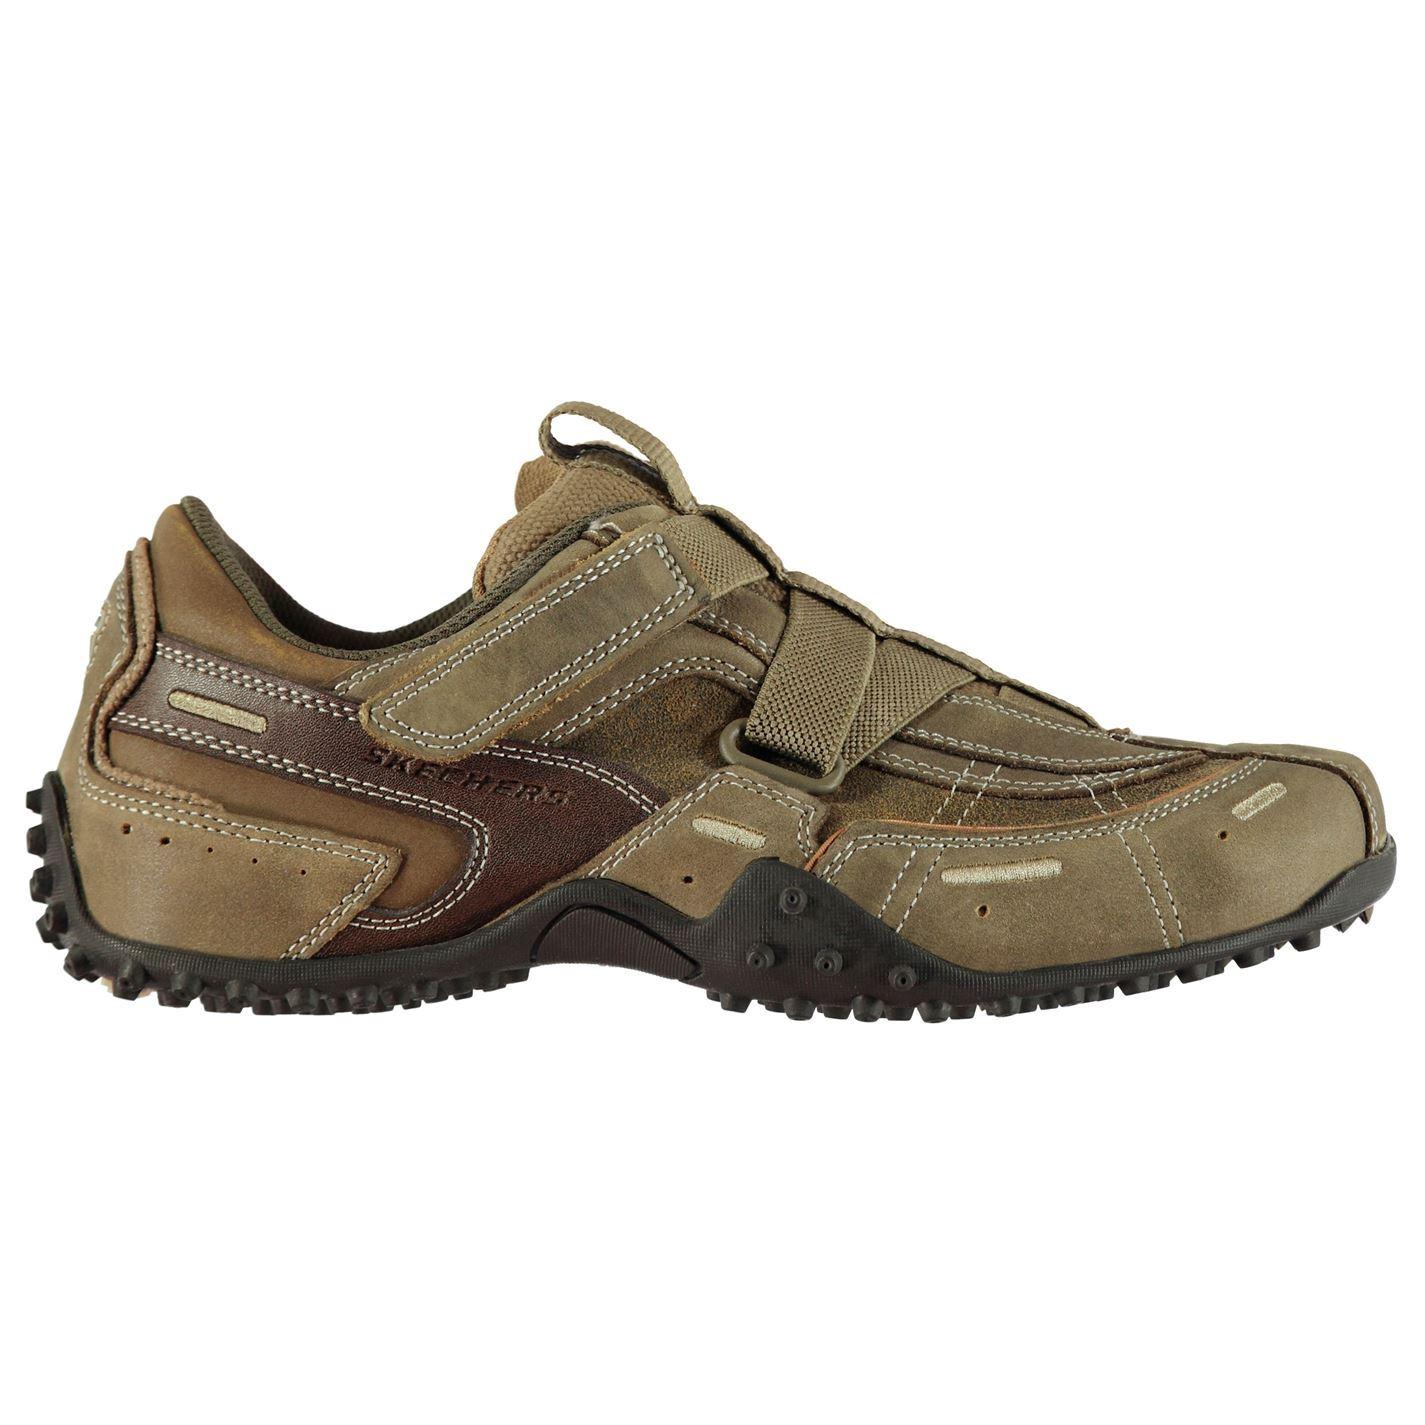 Palmeras Hombre Calzado Zapatos Track Sobre Zapatillas Urban Marrón Detalhes Skechers lc1JFK